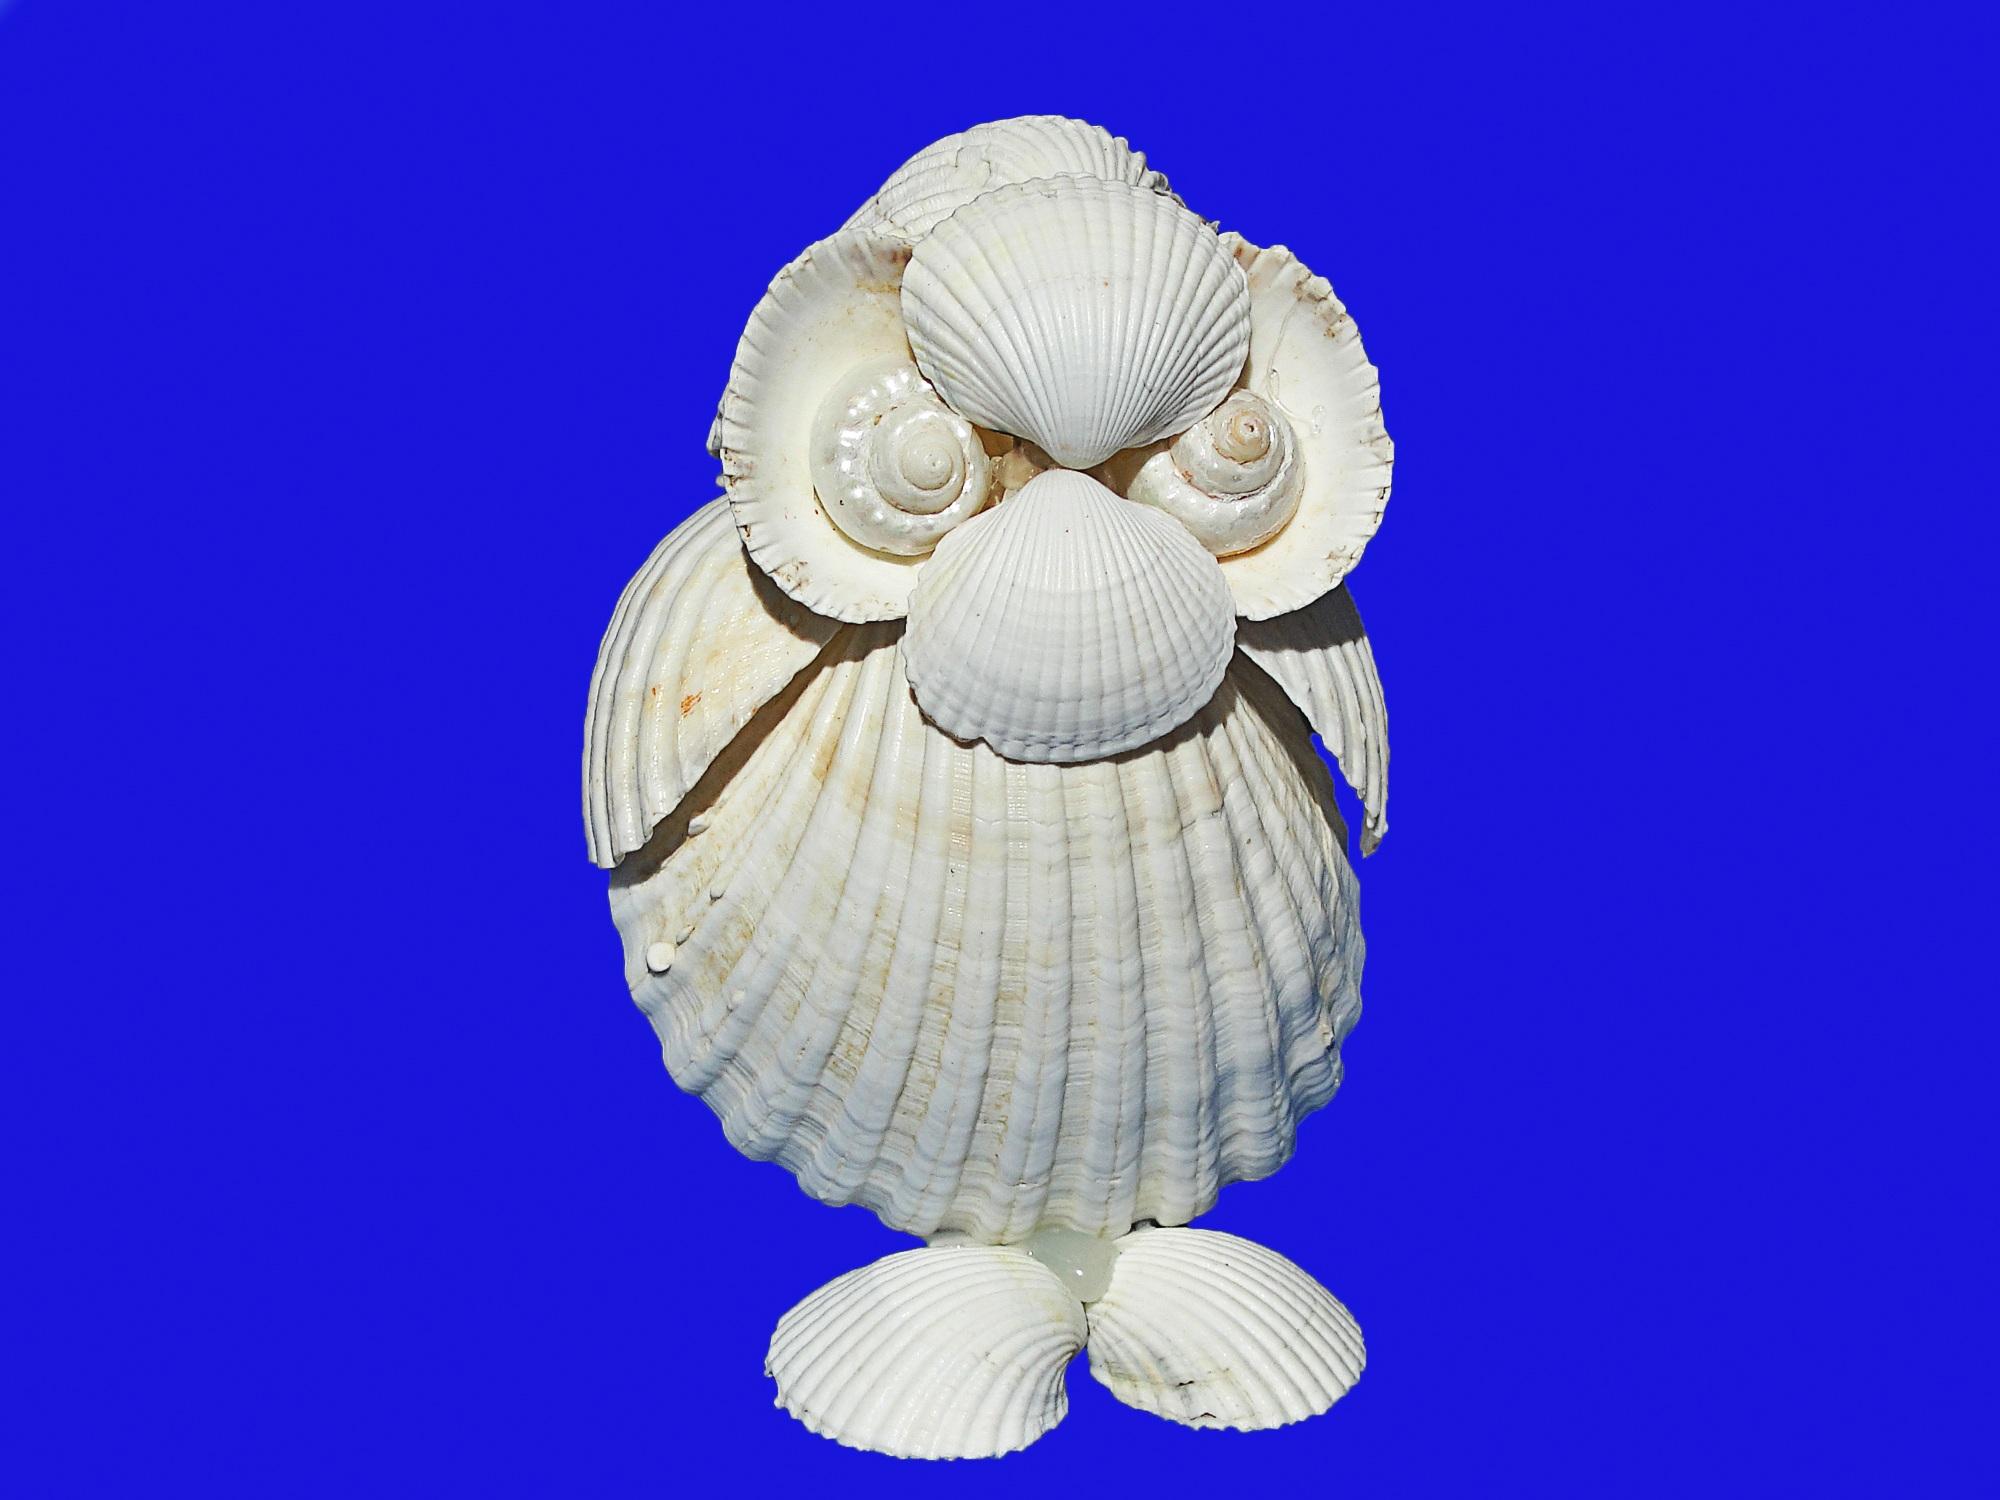 Gambar Sayap Invertebrata Kerang Laut Kulit Kerang Kerajinan